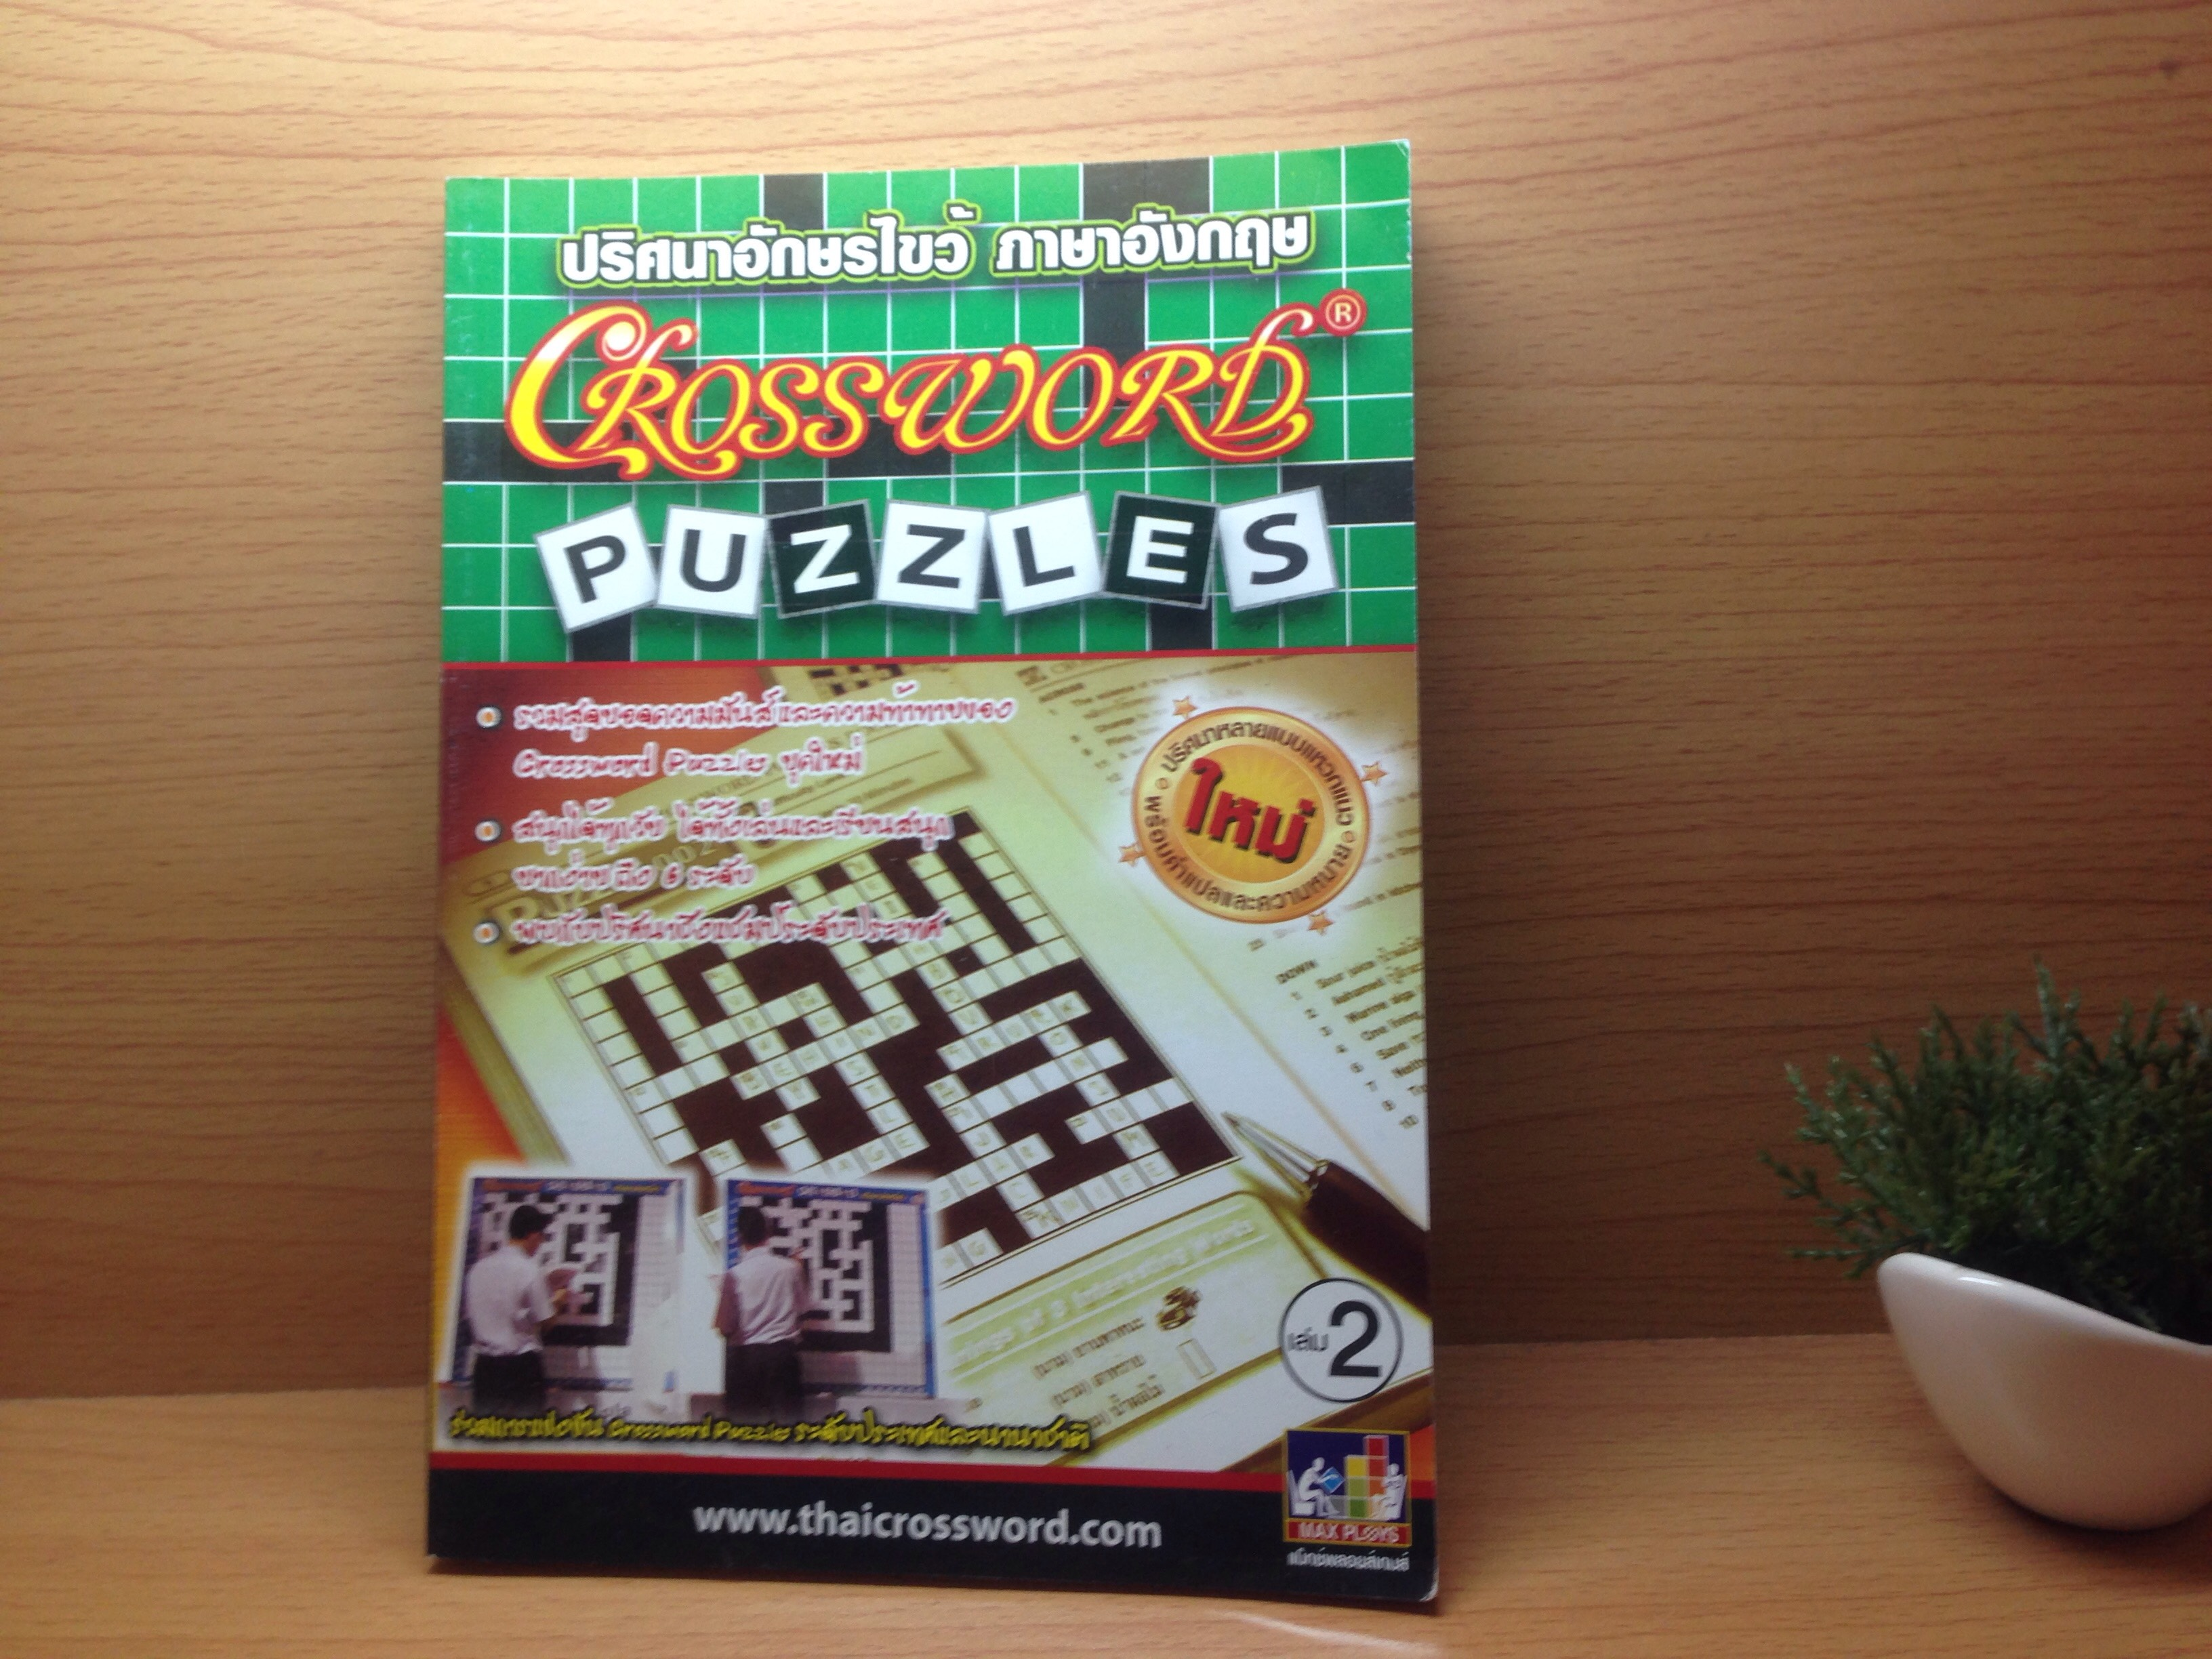 หนังสือปริศนาอักษรไขว้ภาษาอังกฤษ cross word puzzle เล่ม 2